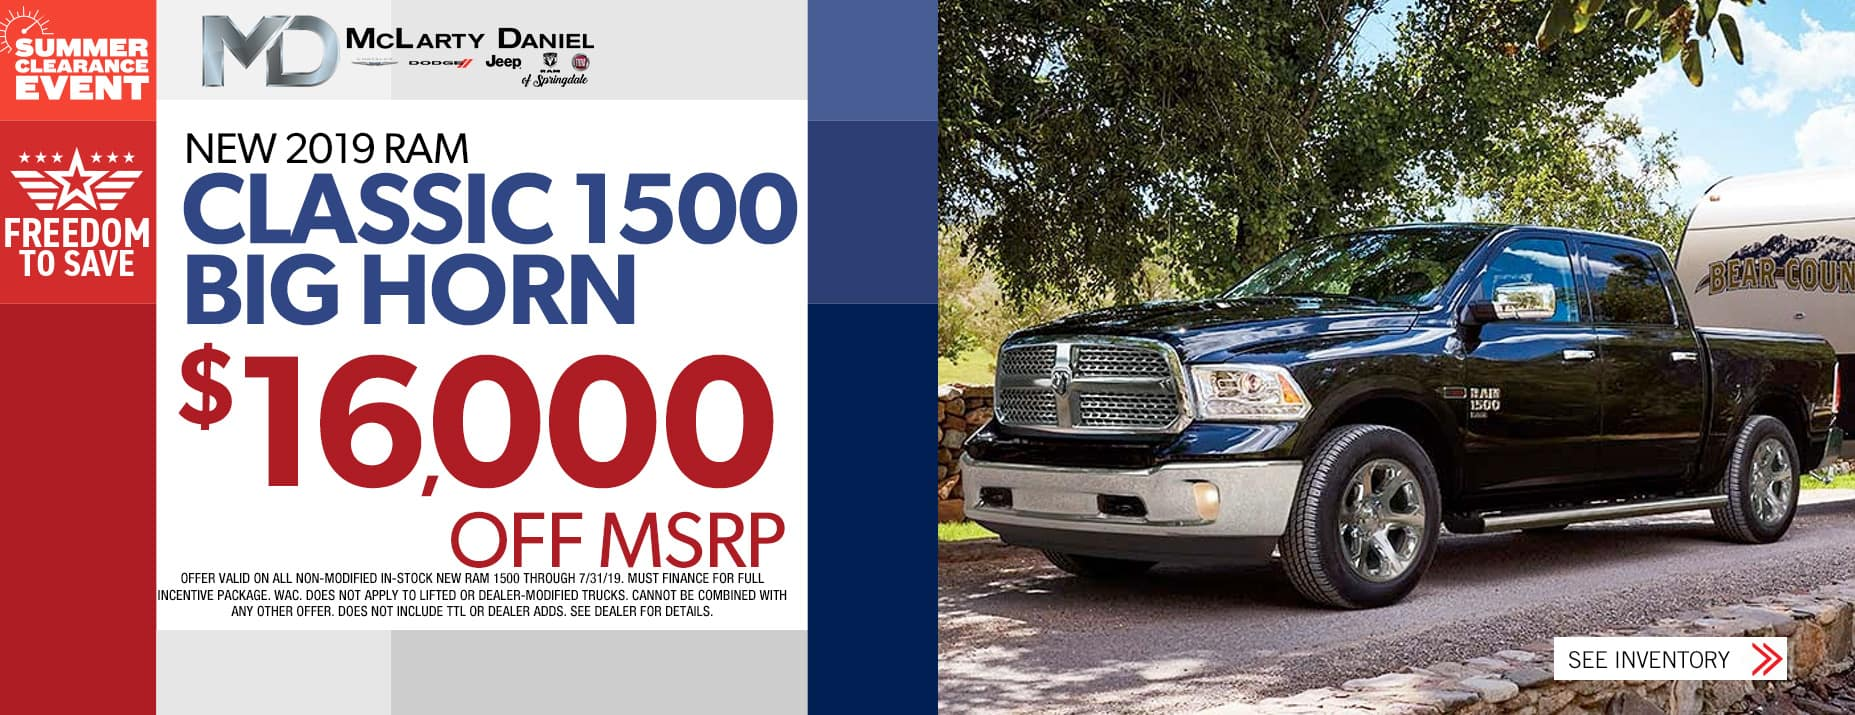 2019 Ram 1500 $16,000 OFF MSRP